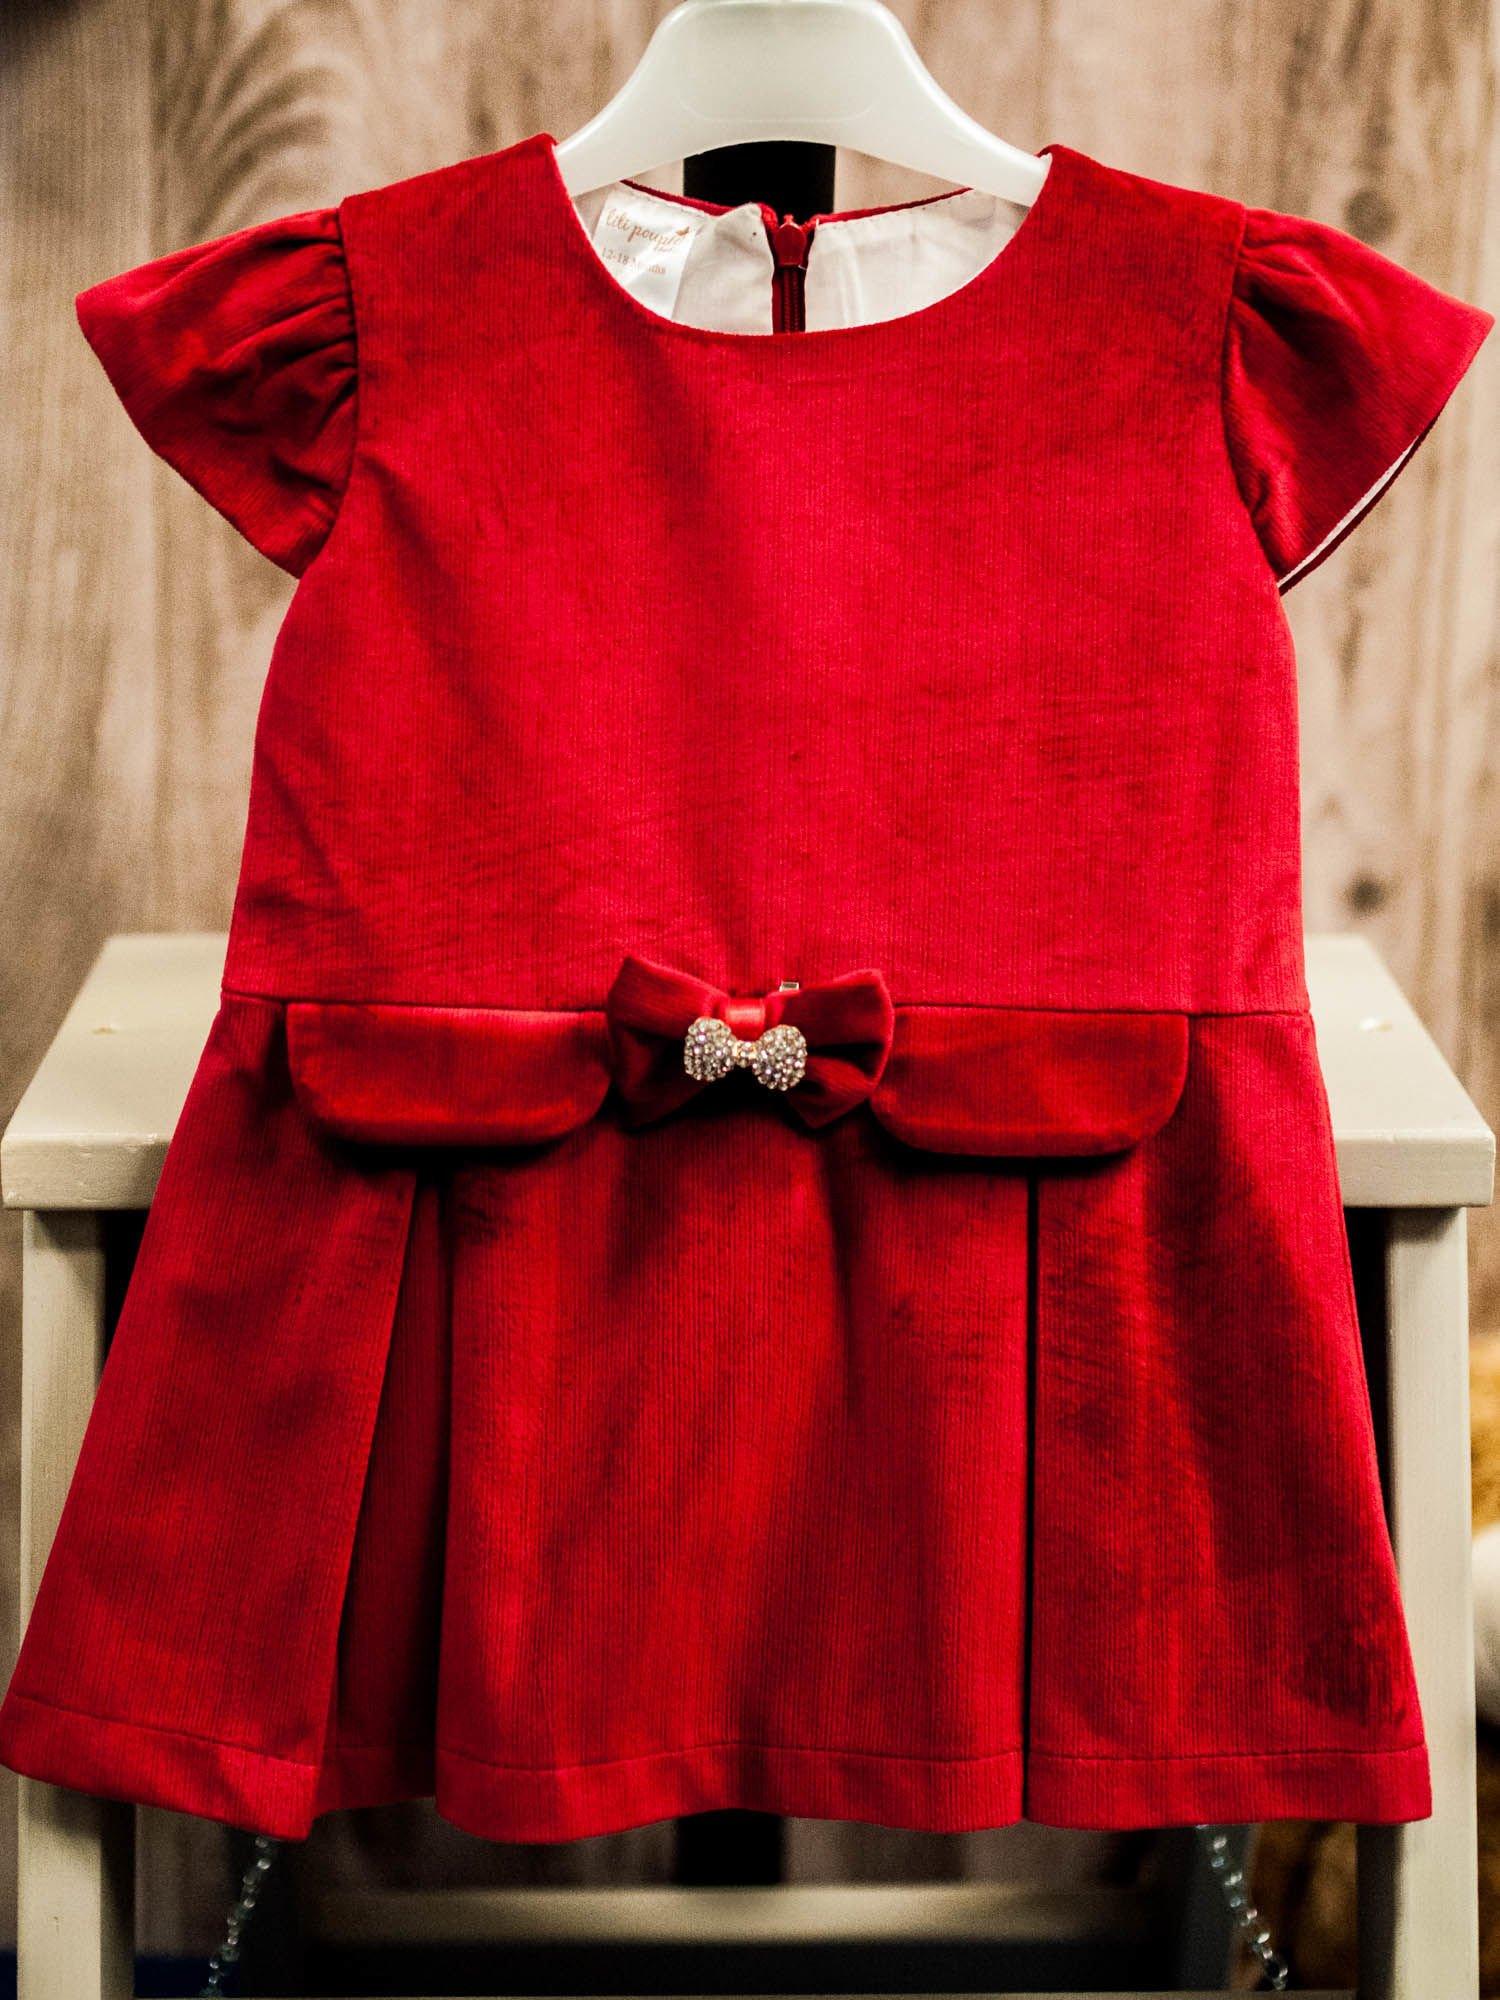 f719ce9651 Czerwona elegancka sukienka dziewczęca z kokardką z cyrkonii ...